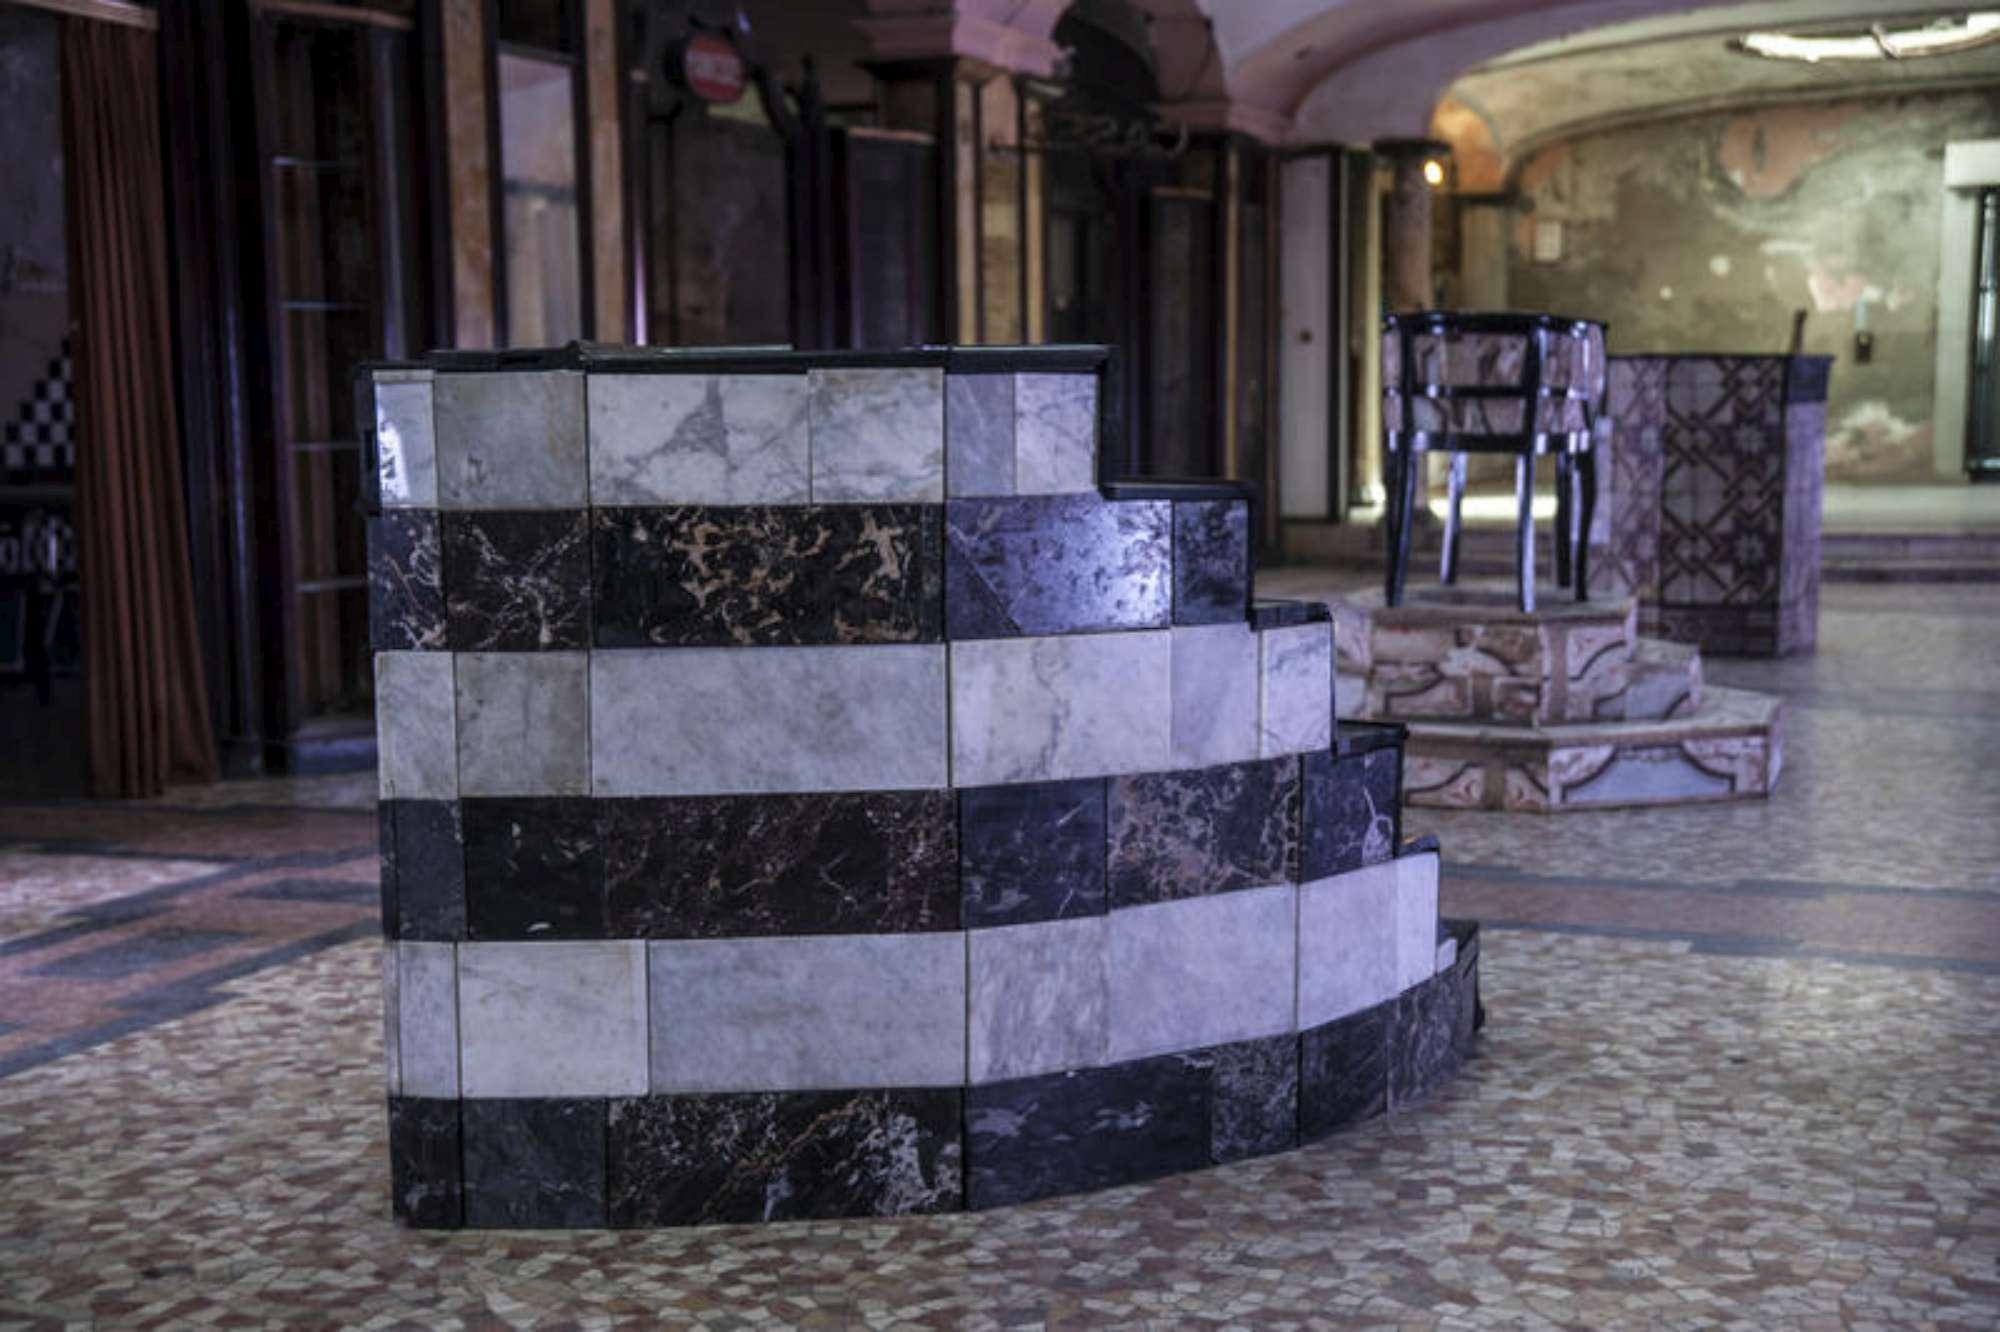 Senso 80 la mostra d 39 arte nell 39 ex bagno pubblico - Donne al bagno pubblico ...